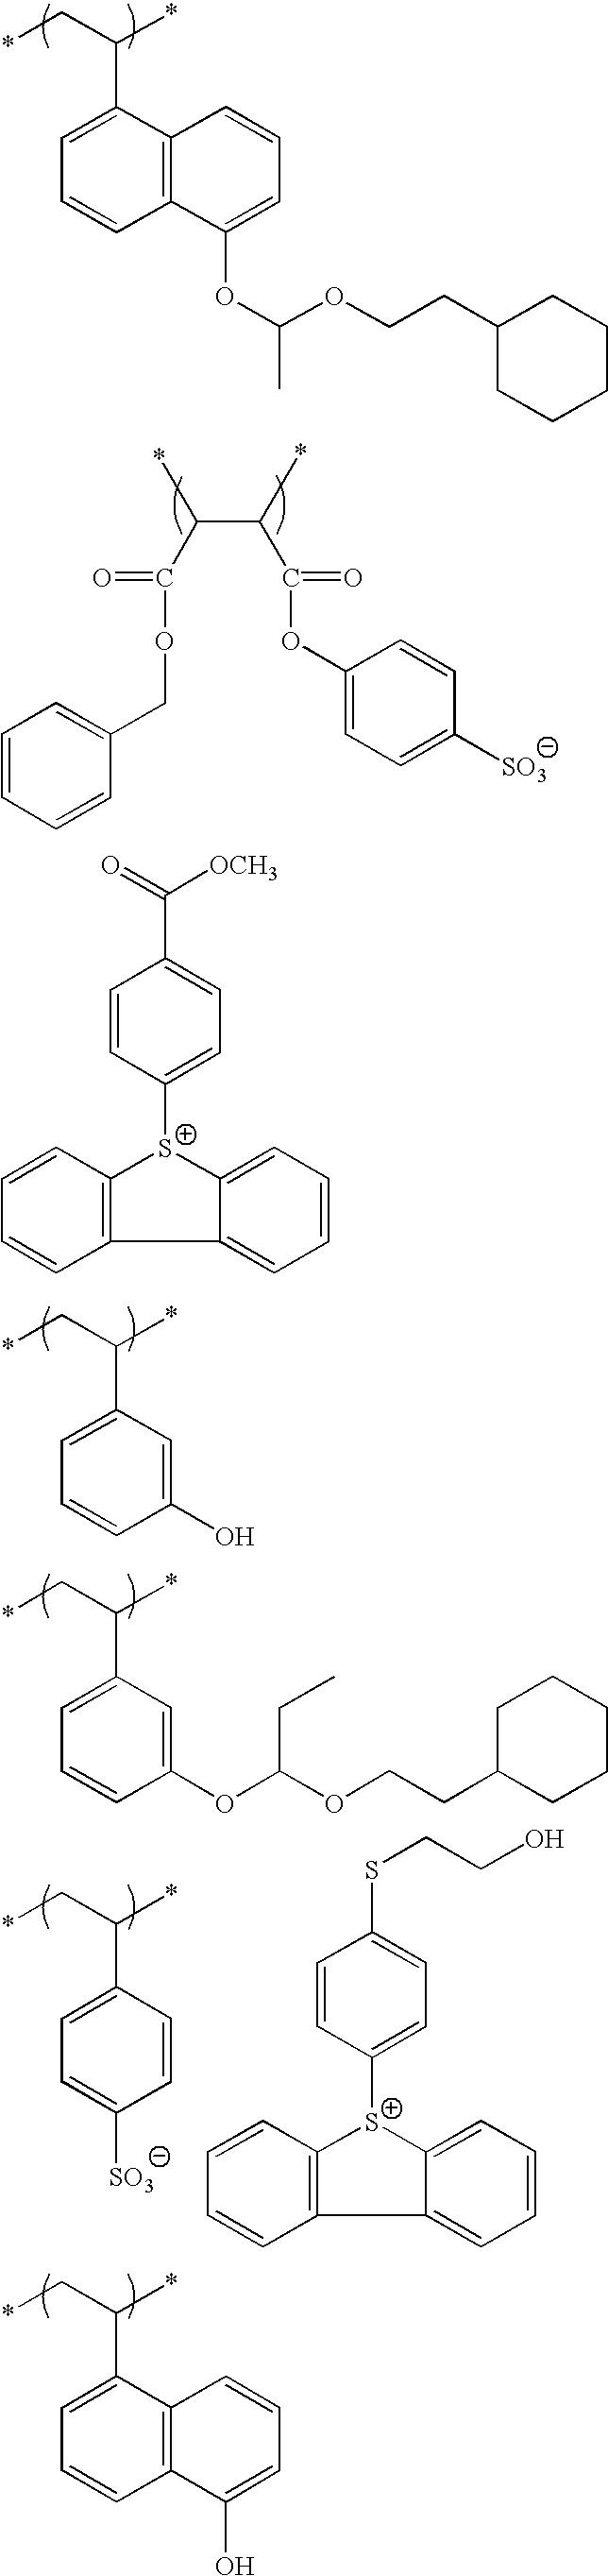 Figure US08852845-20141007-C00185